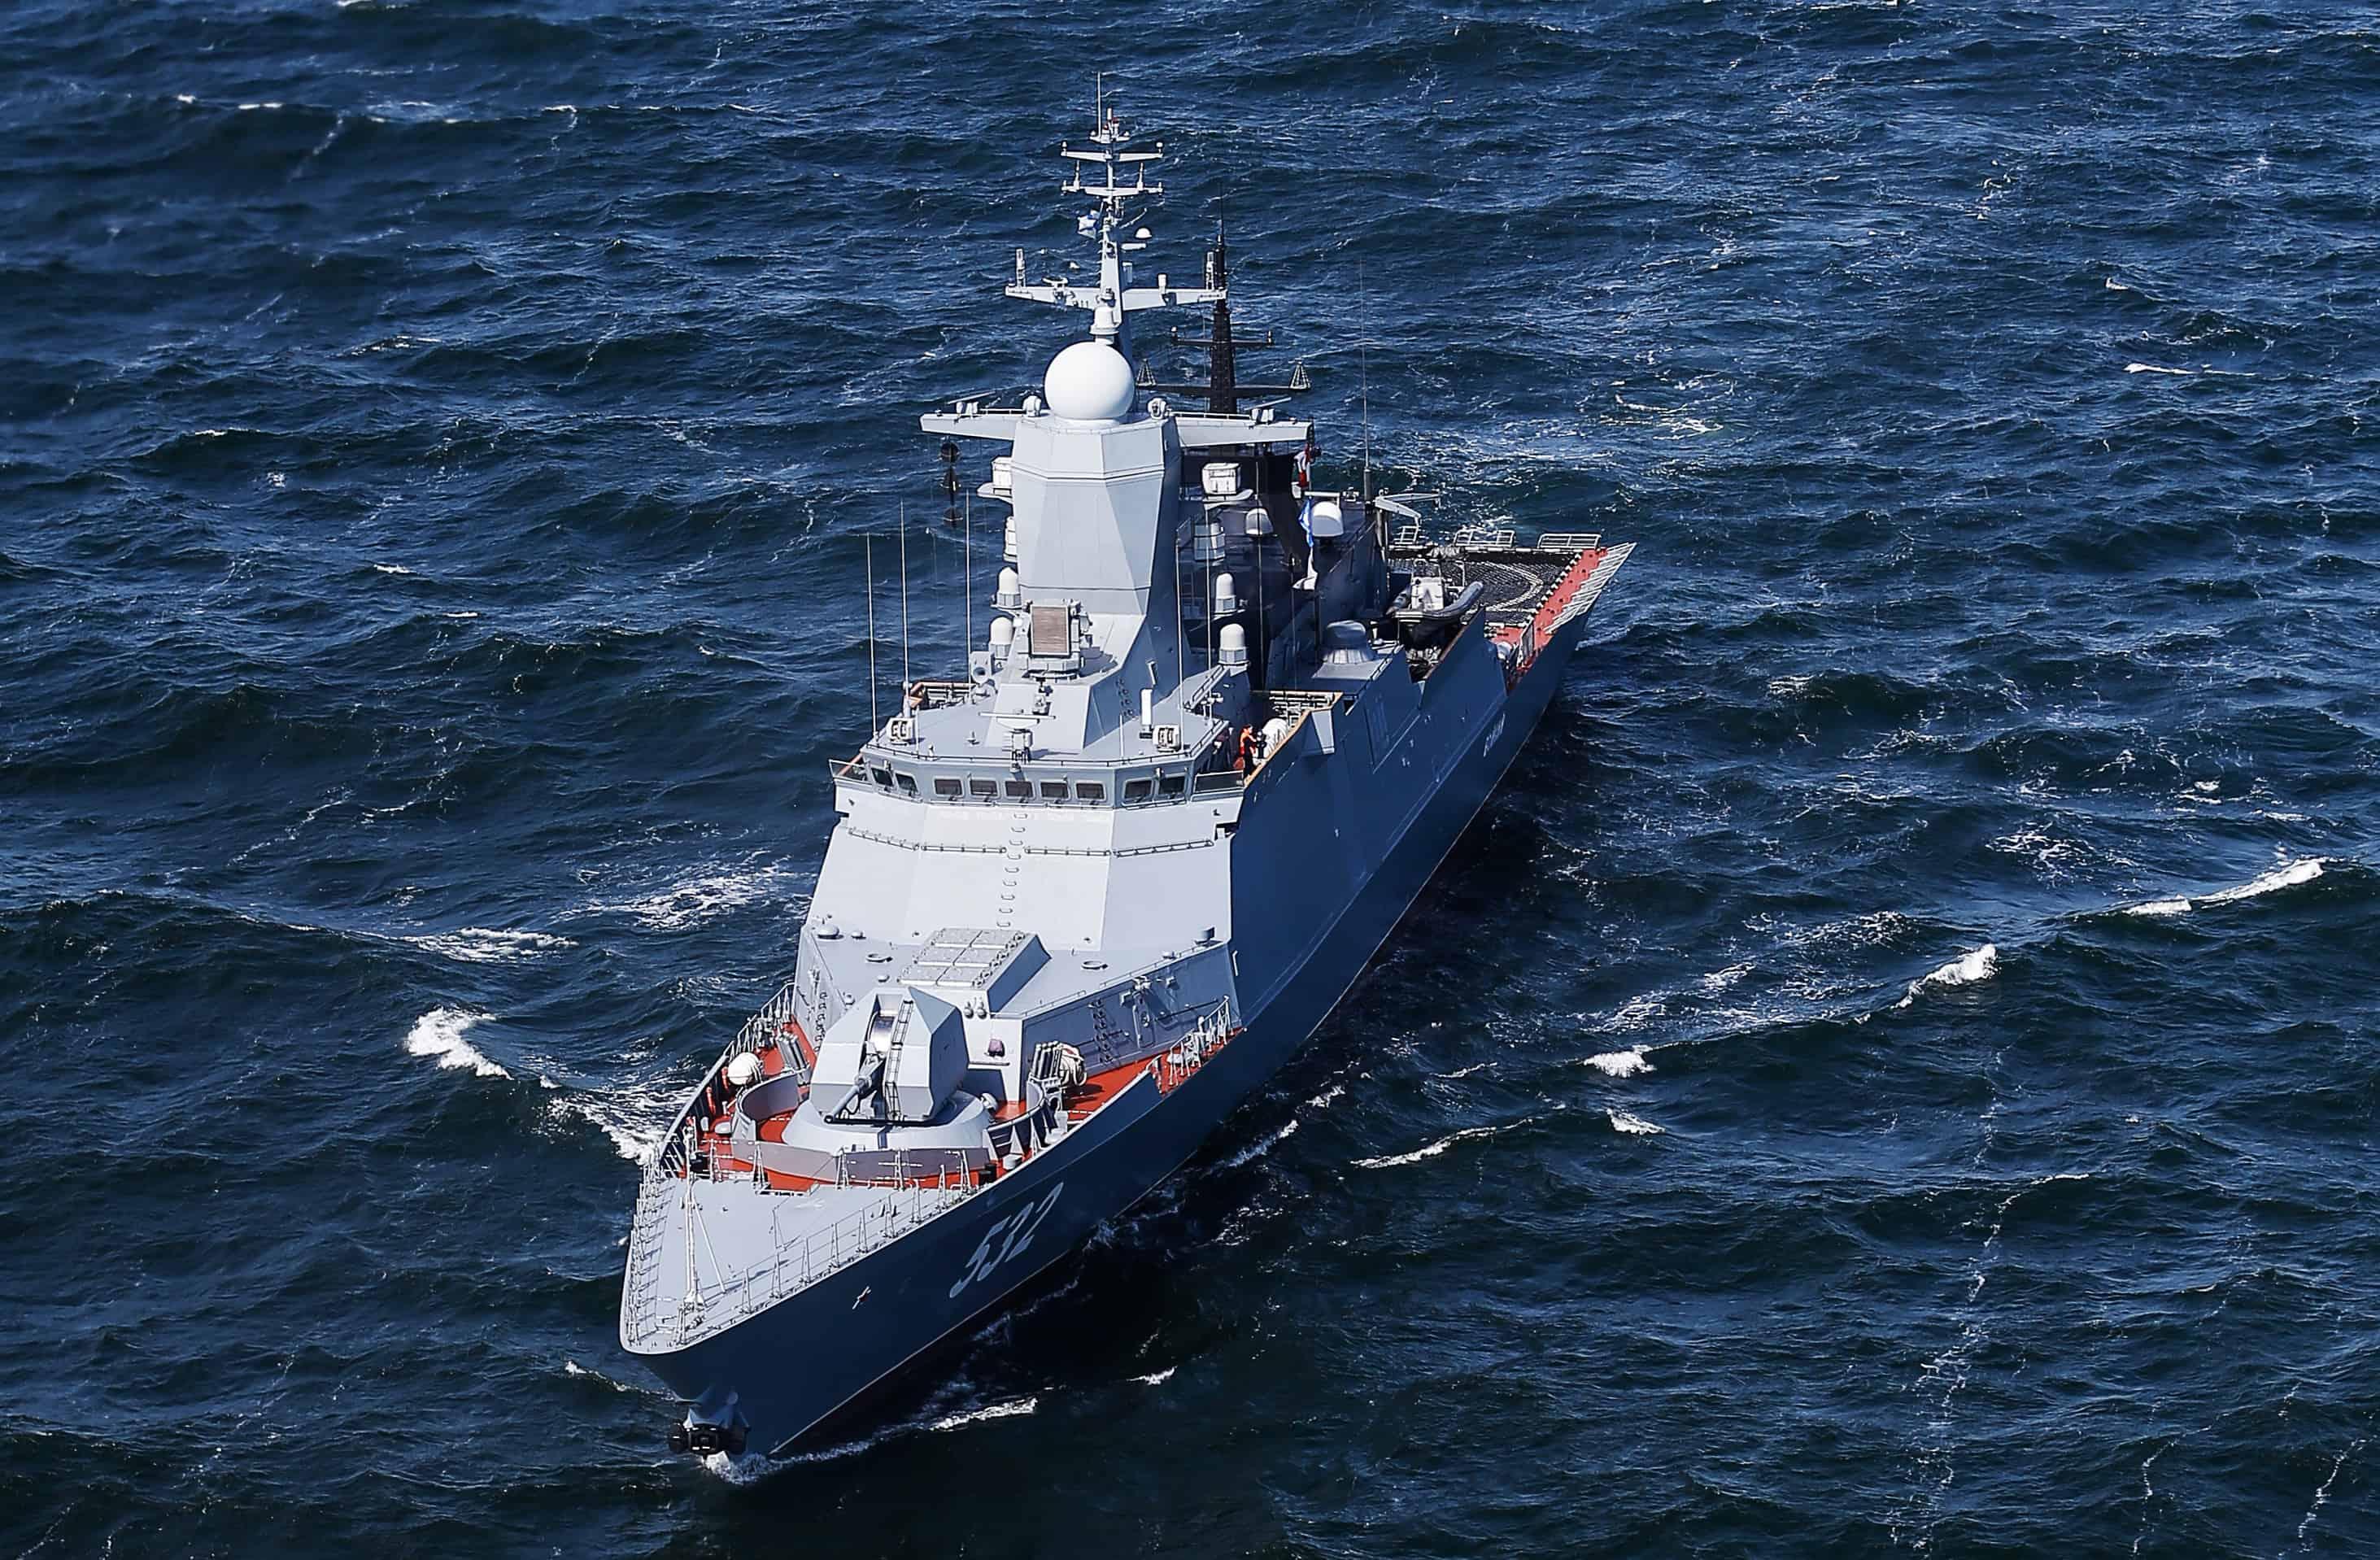 Flota Pacyficzna otrzyma nową korwetę / Portal Stoczniowy